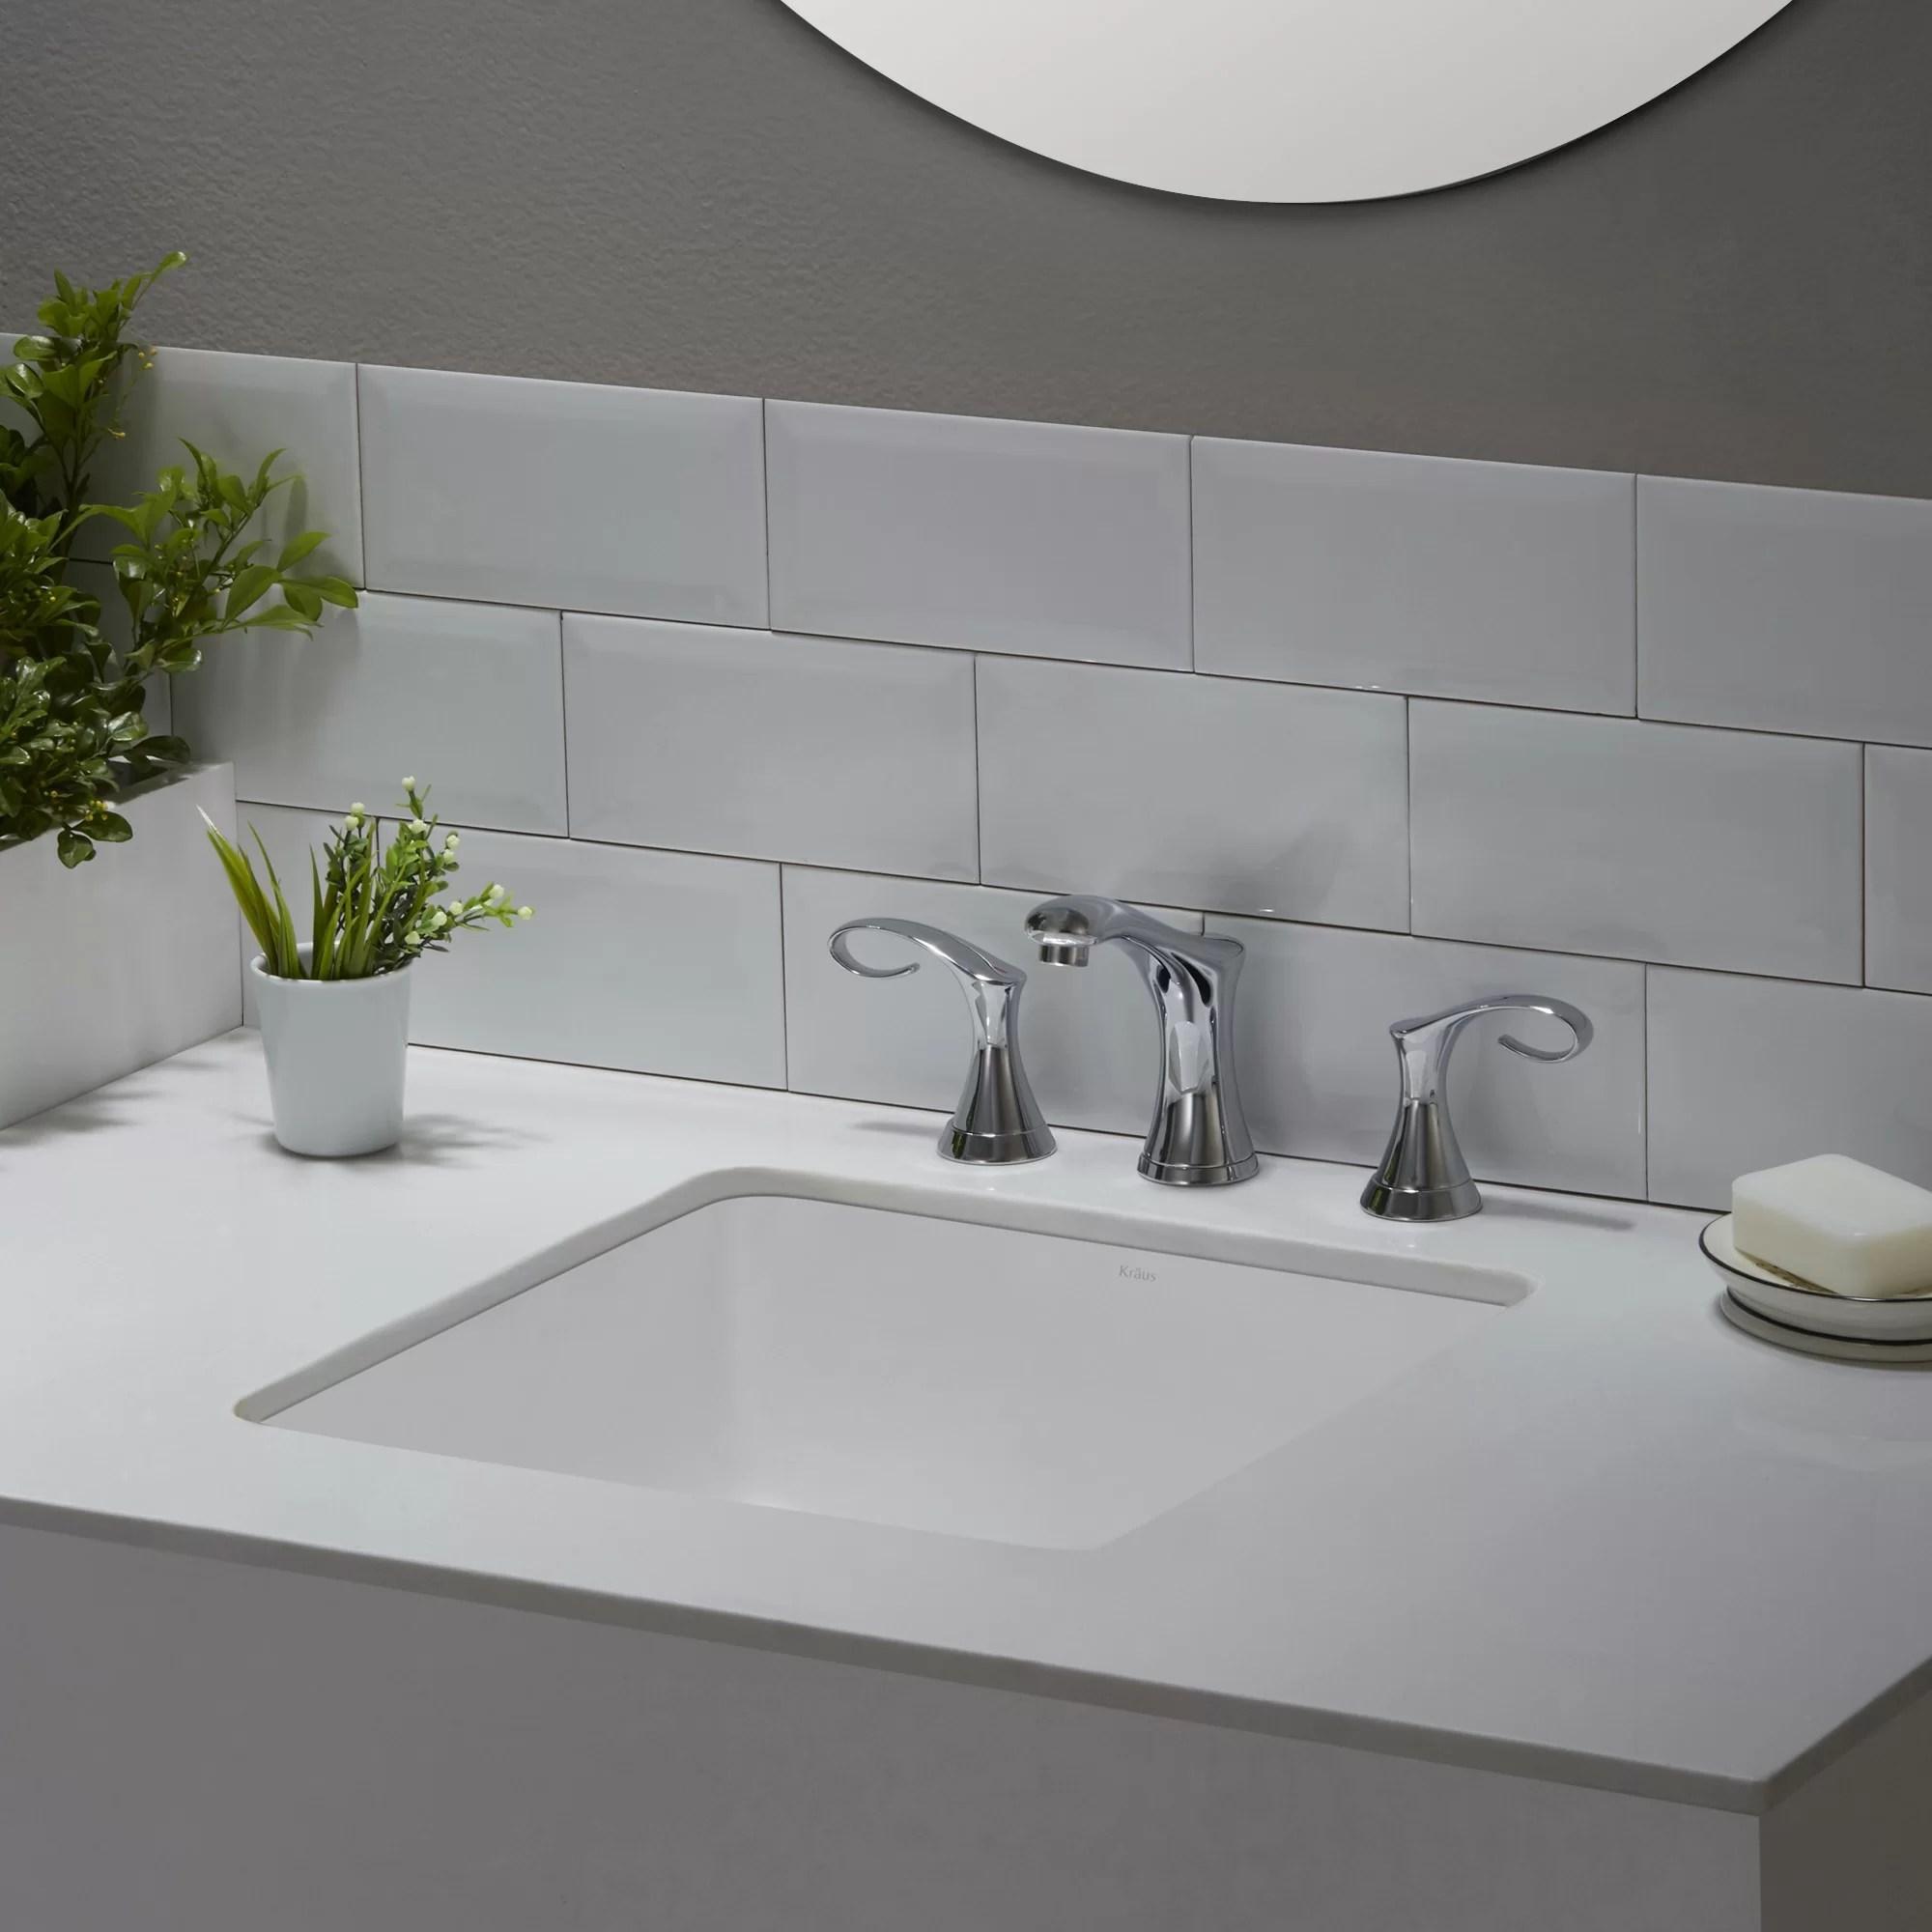 Elavo Ceramic Square Undermount Bathroom Sink with